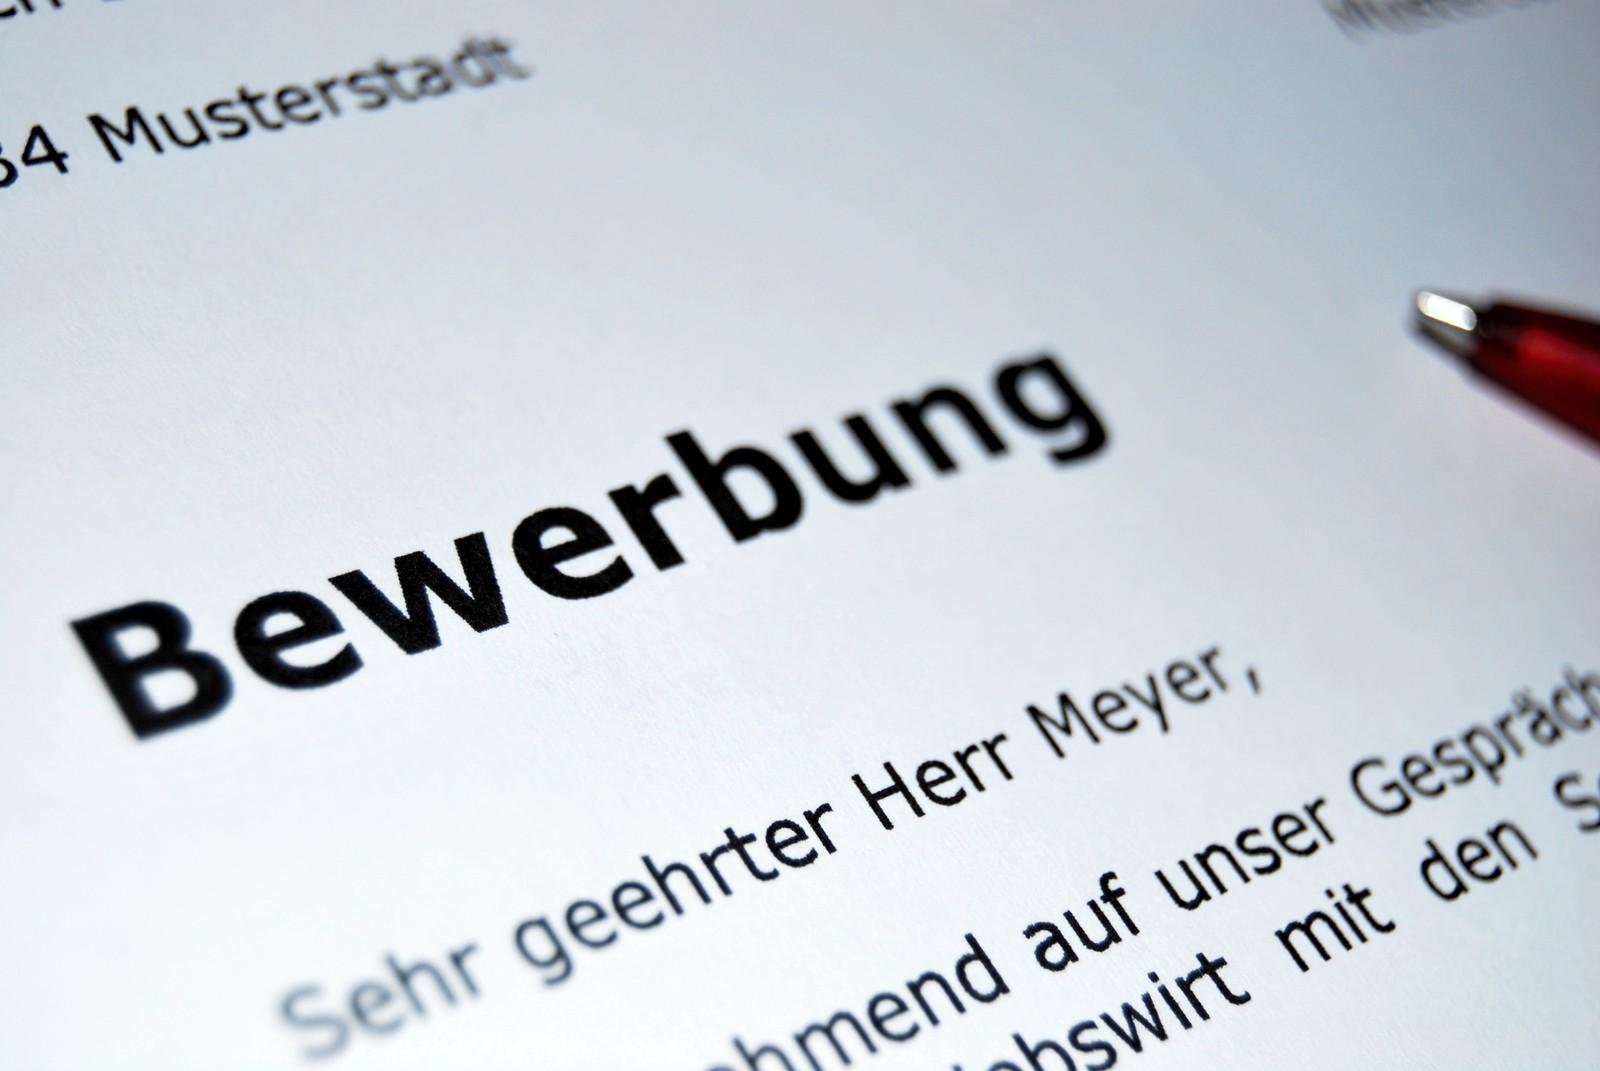 Eine Bewerbung per Post vermittelt dem Unternehmen, dass sich damit auseinandergesetzt wurde und der Bewerber Zeit und auch Geld investiert hat. Foto: Anton Porsche (superanton.de) / pixelio.de